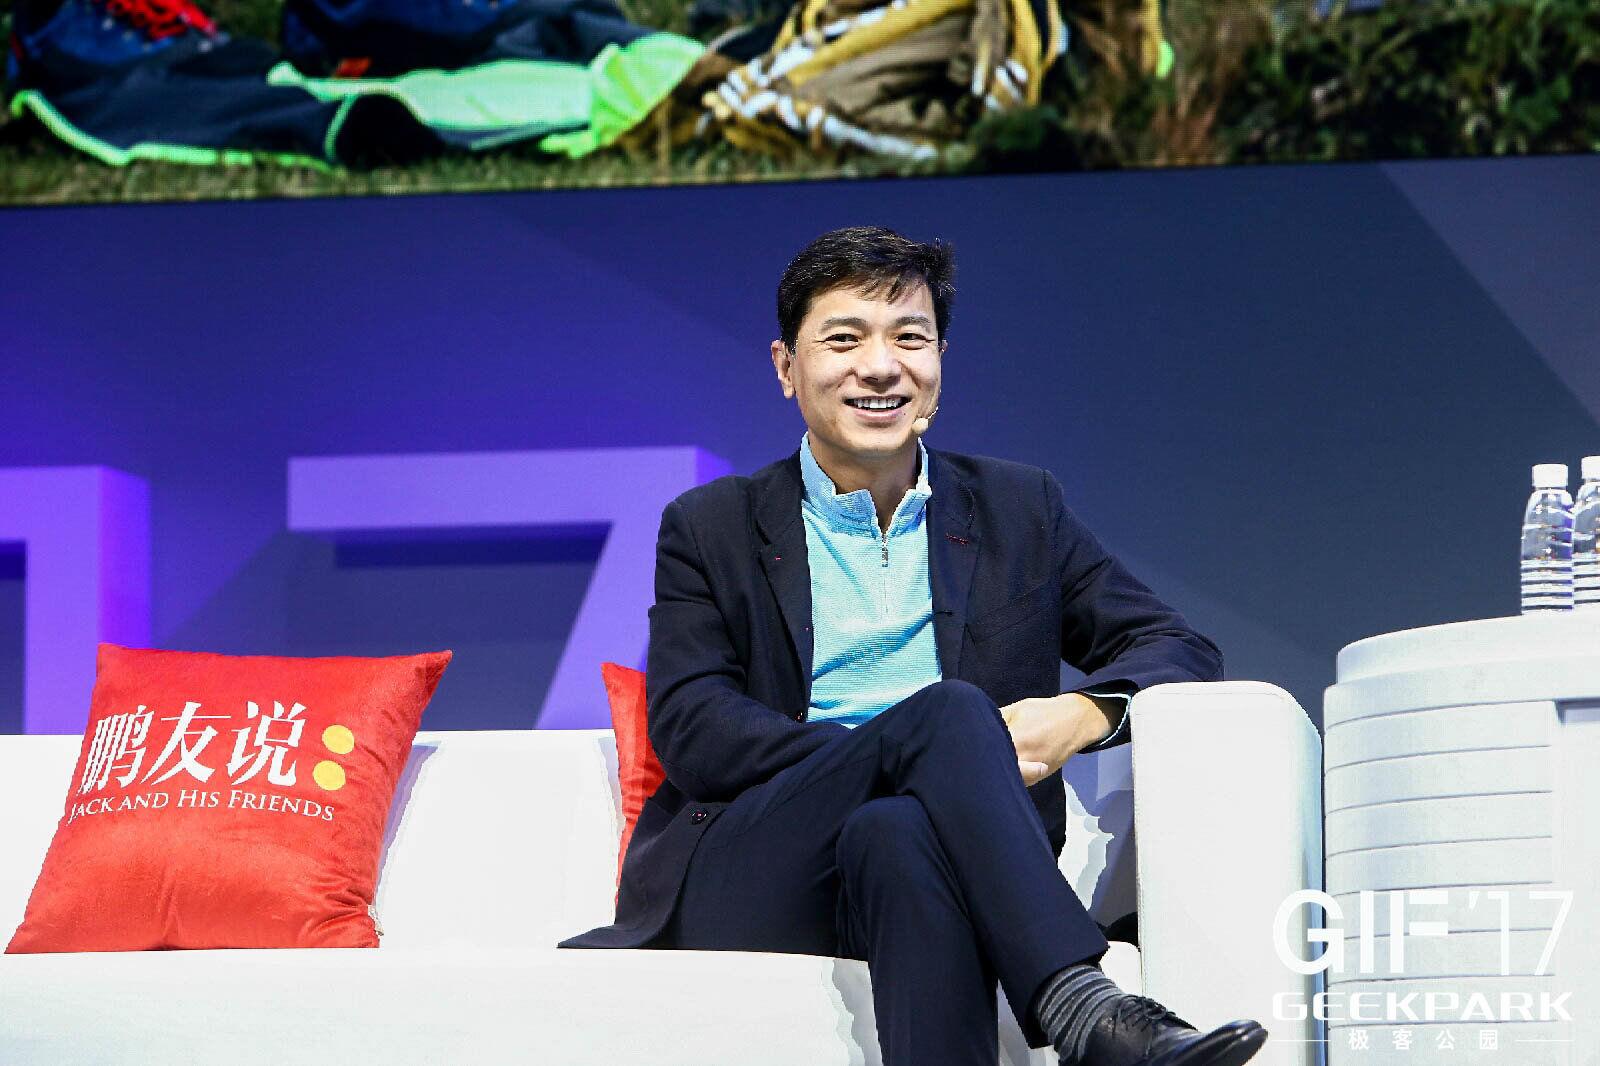 李彦宏在极客公园 GIF2017 大会   极客公园